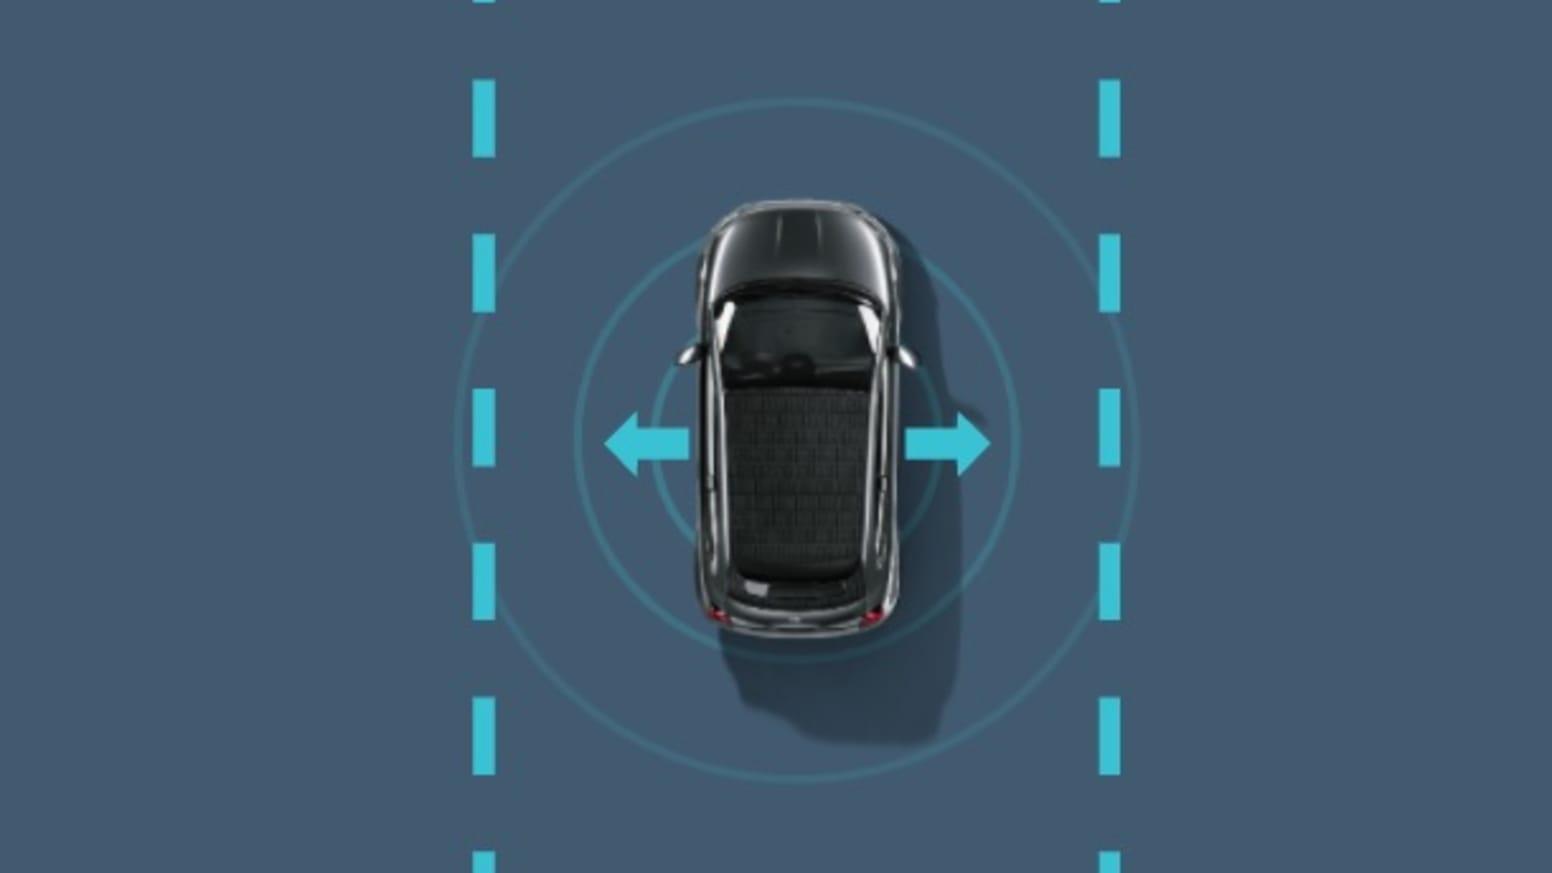 New 500 Level 2 Autonomous Driving